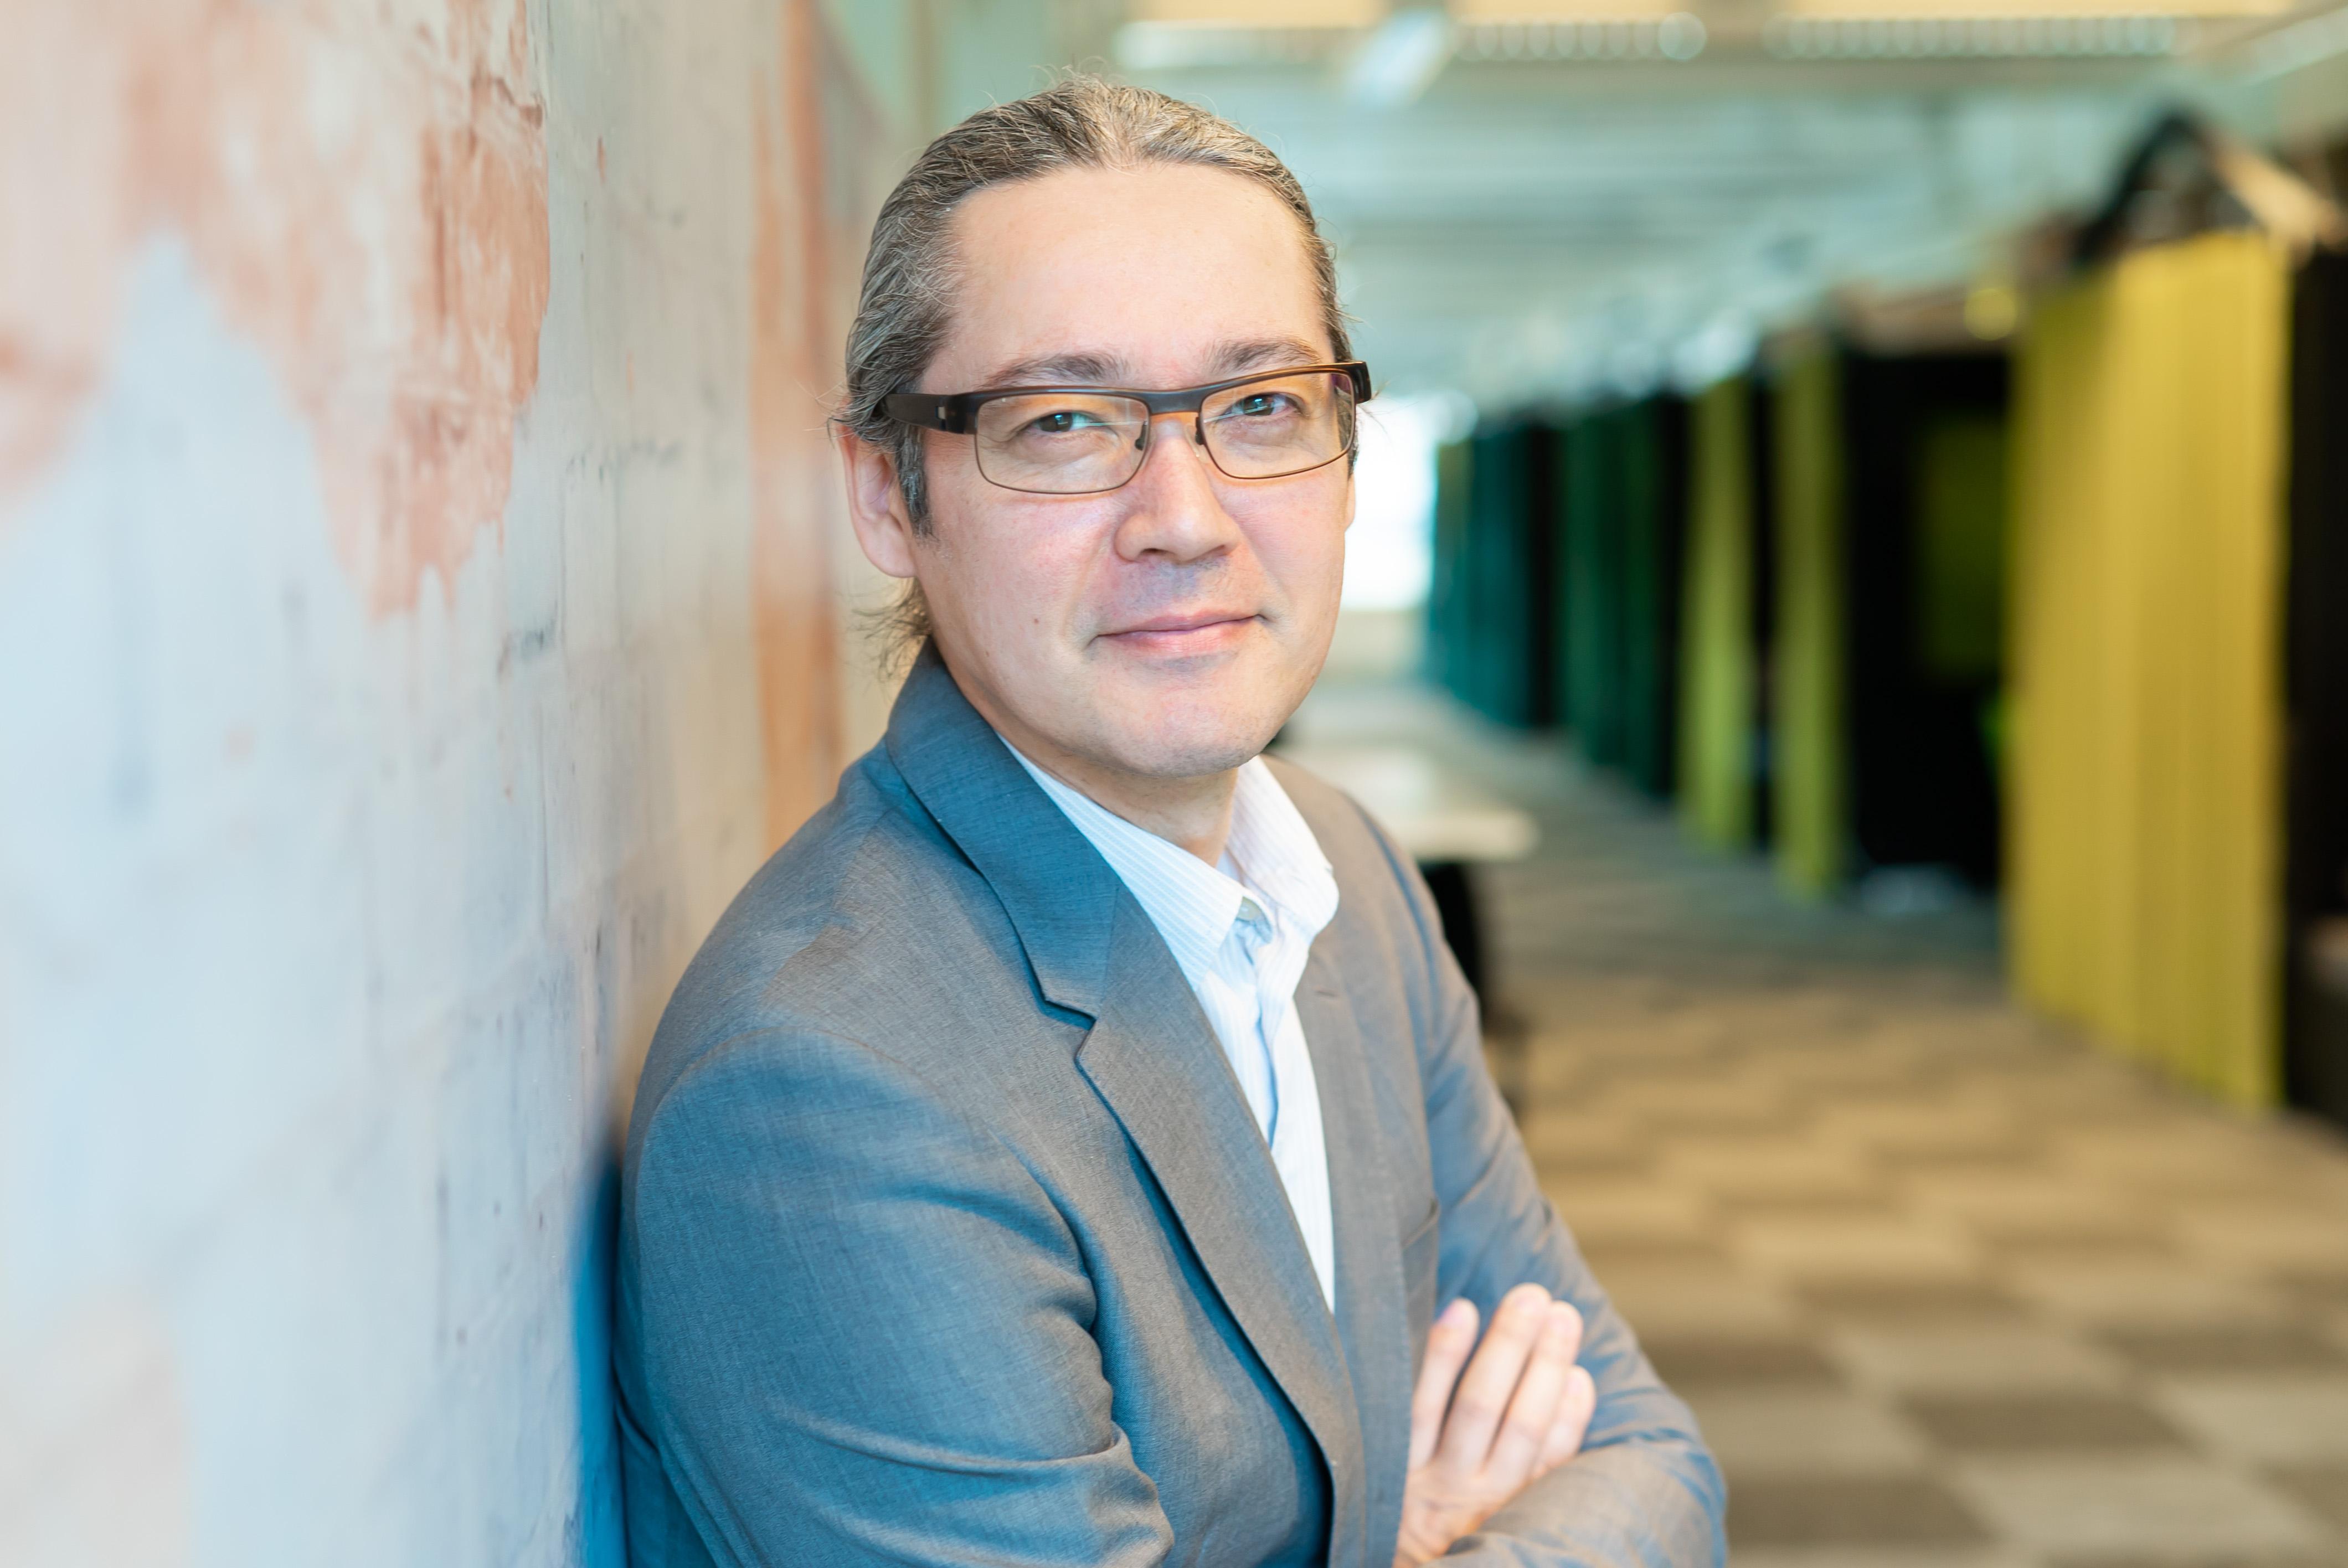 Miten digitalisointi käytännössä tehdään? Kysyimme asiaa Stockmannin Omnicommerce-kehitysjohtajalta Antti Tanakalta.